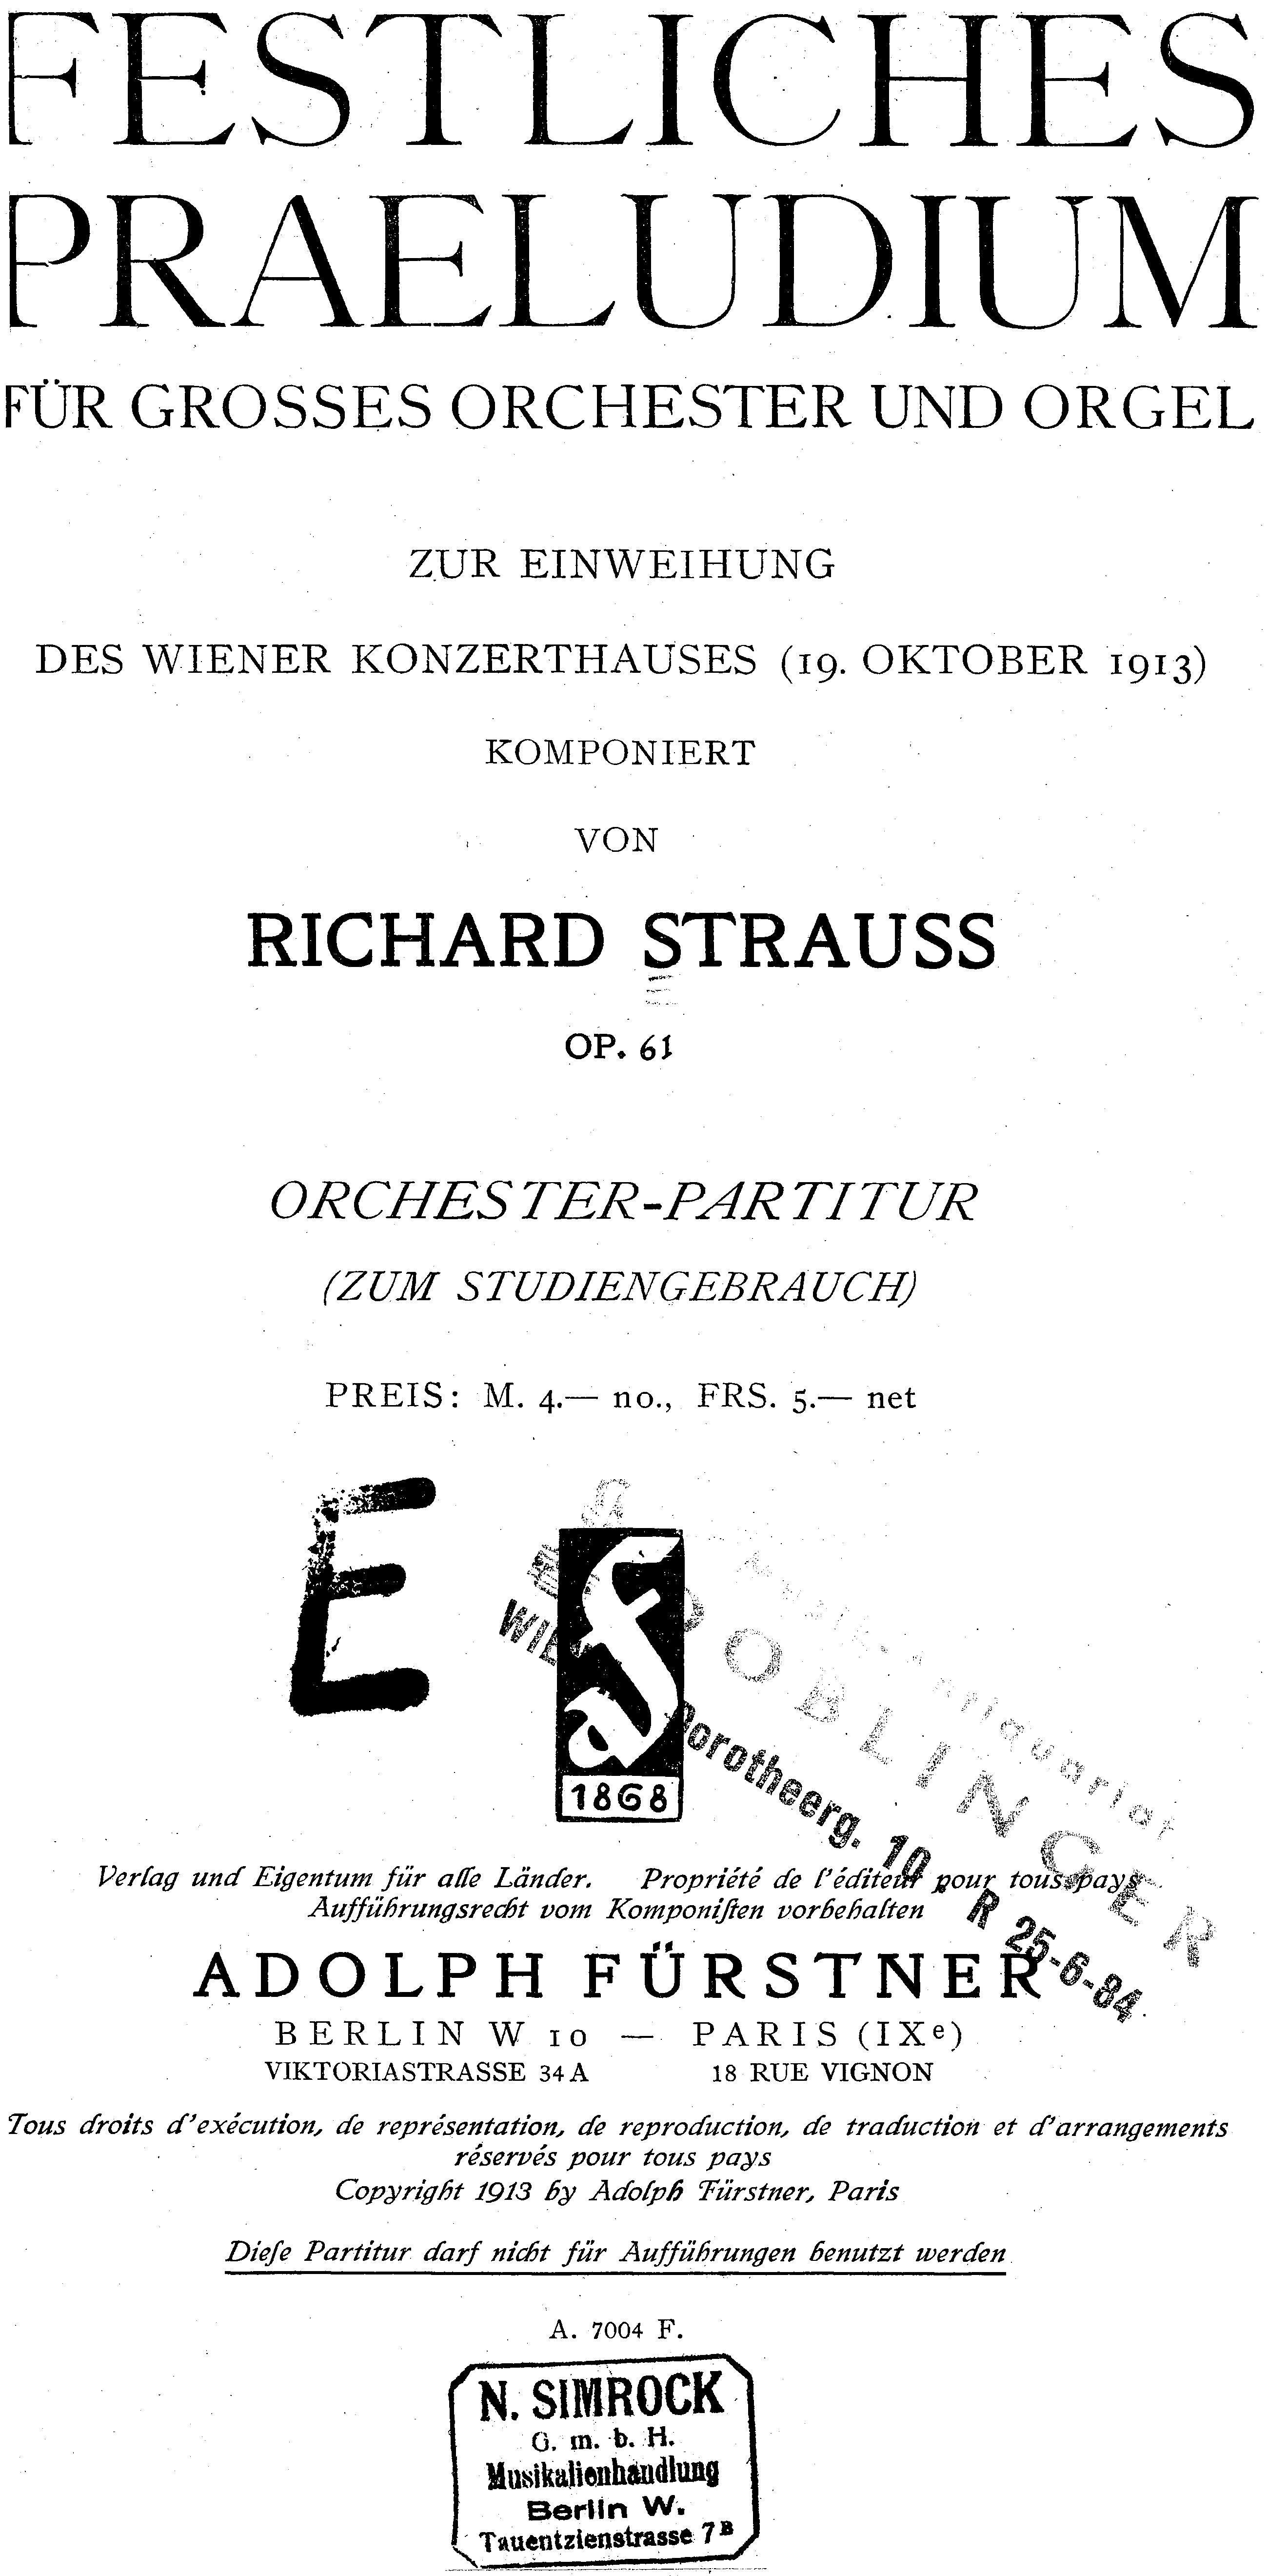 Richard Strauss, Festliches Präludium, extrait de la partition publiée à Berlin, Adolph Fürstner, 1913c Plate A. 7004 F, https://imslp.org/wiki/Festliches_Pr%C3%A4ludium%2C_Op.61_(Strauss%2C_Richard), Cliquer sur la photo pour une vue agrandie